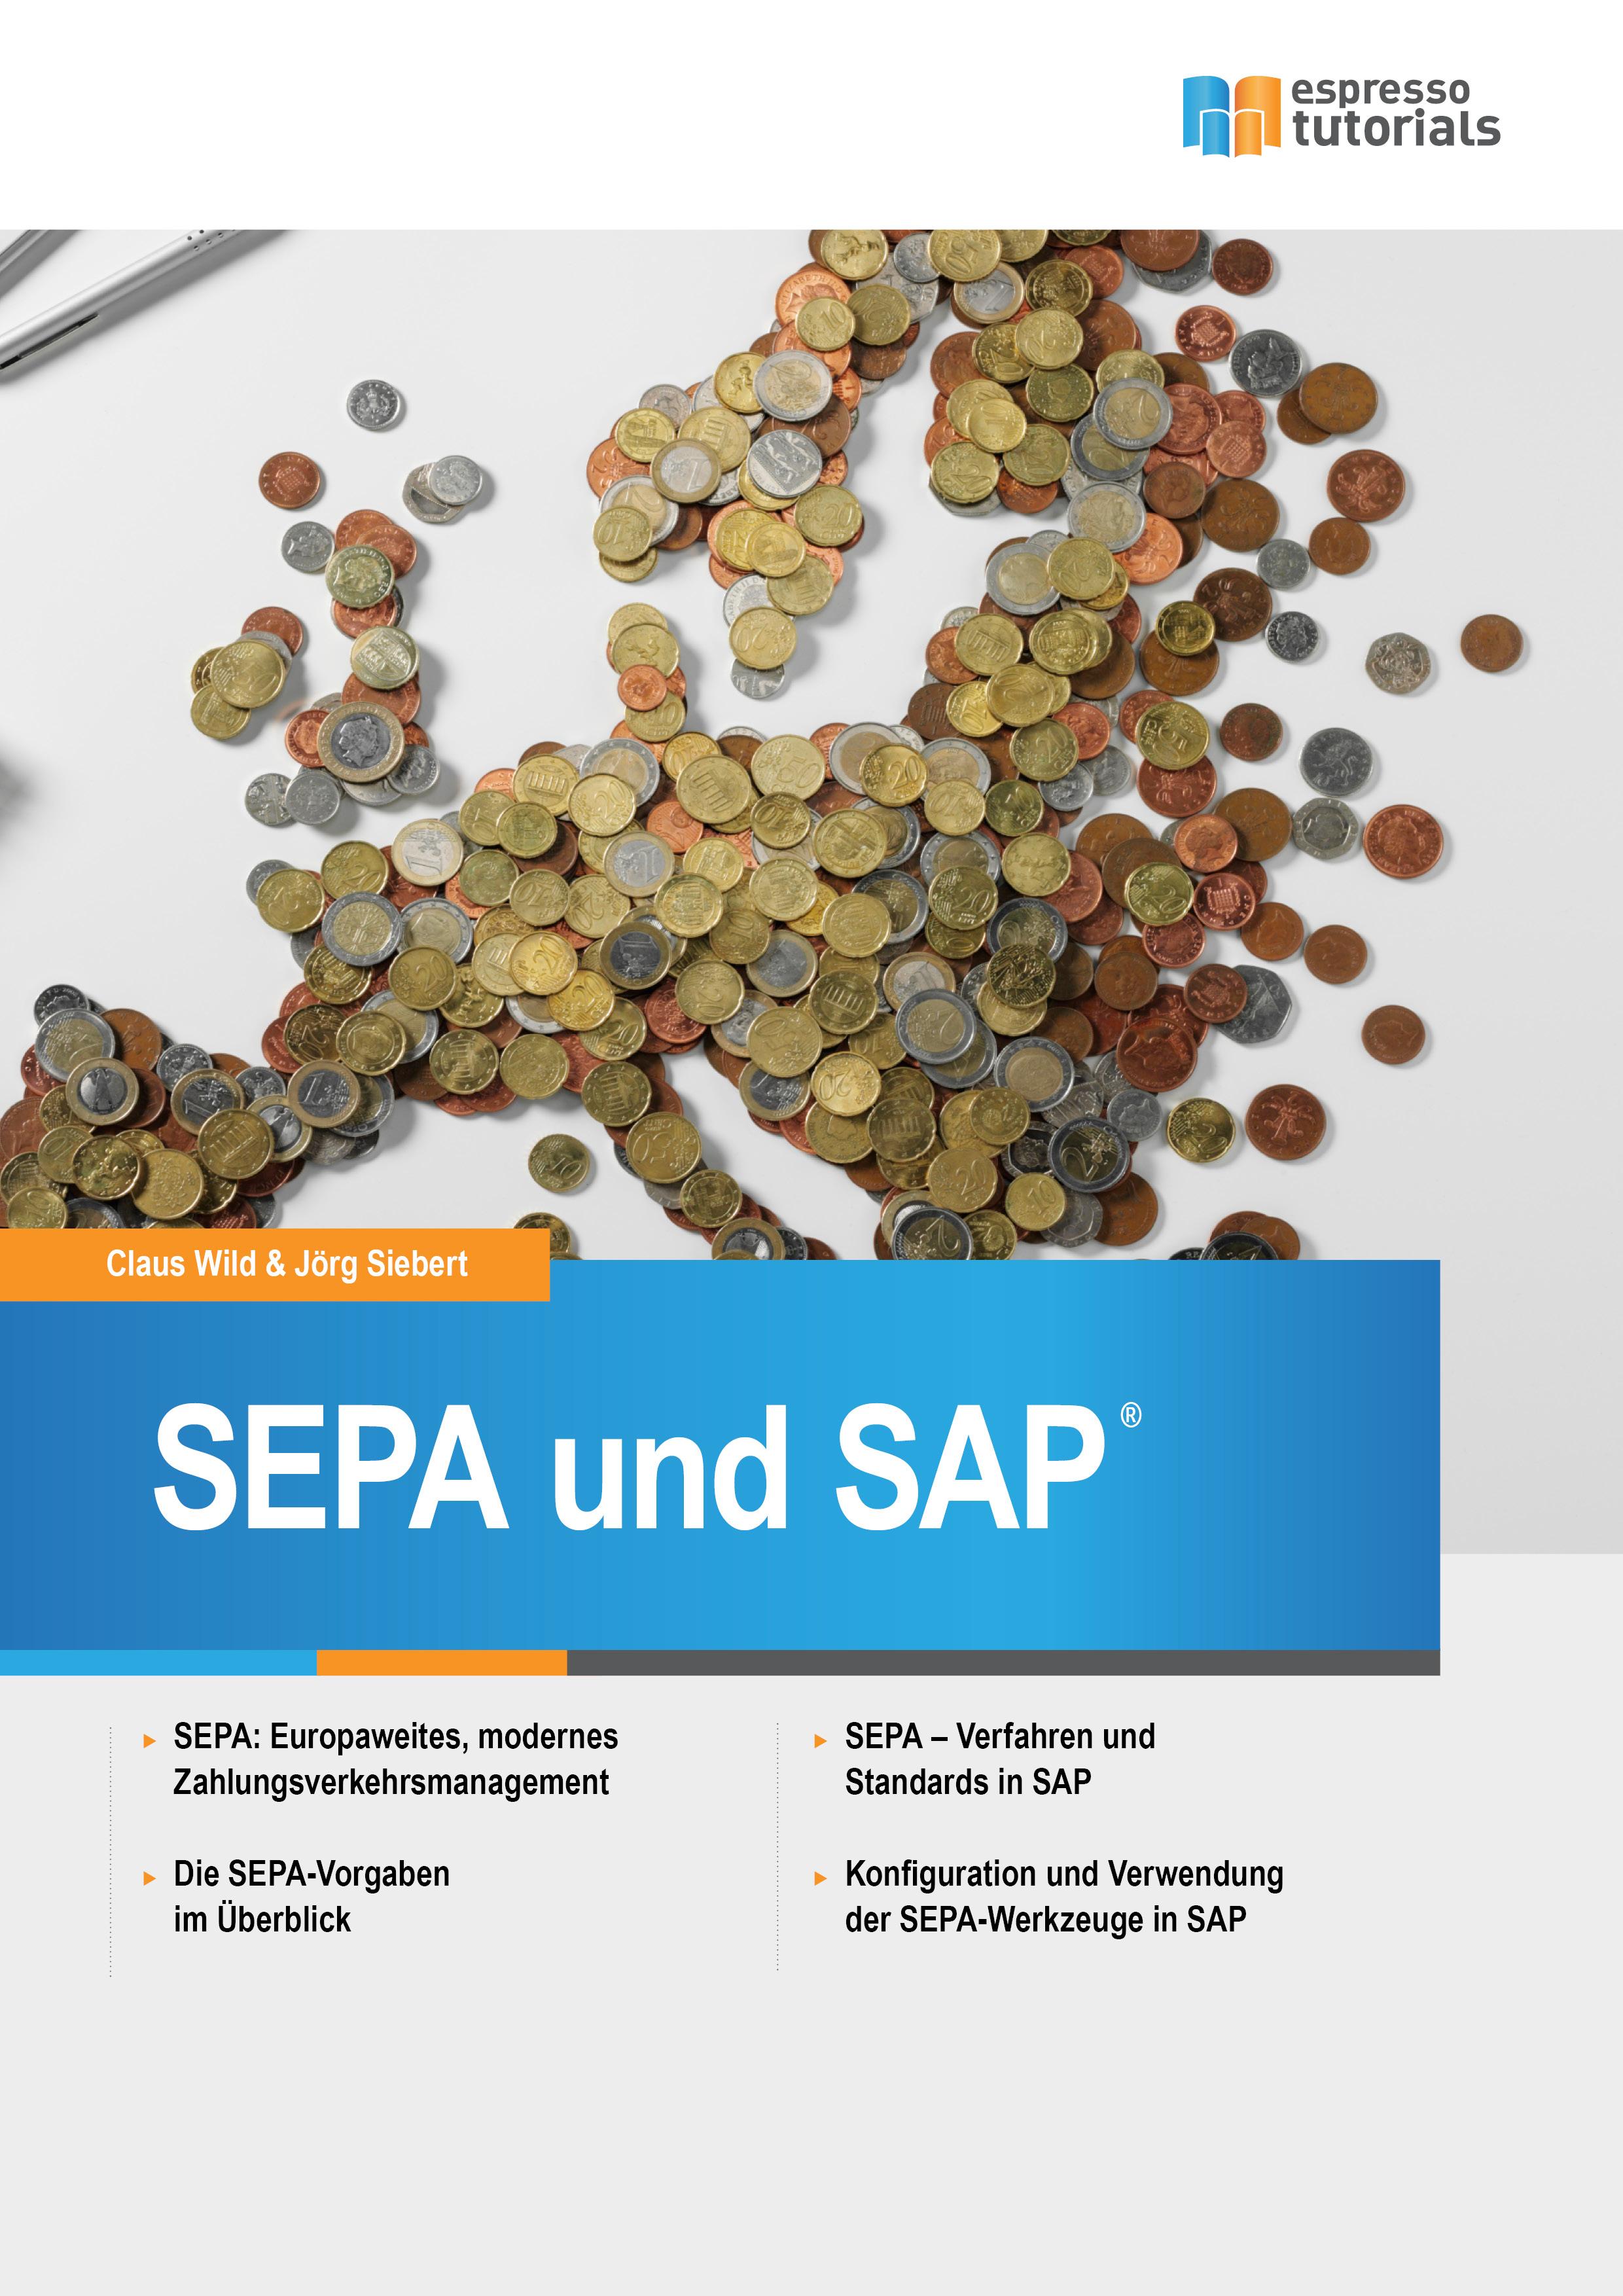 SEPA und SAP - Claus Wild